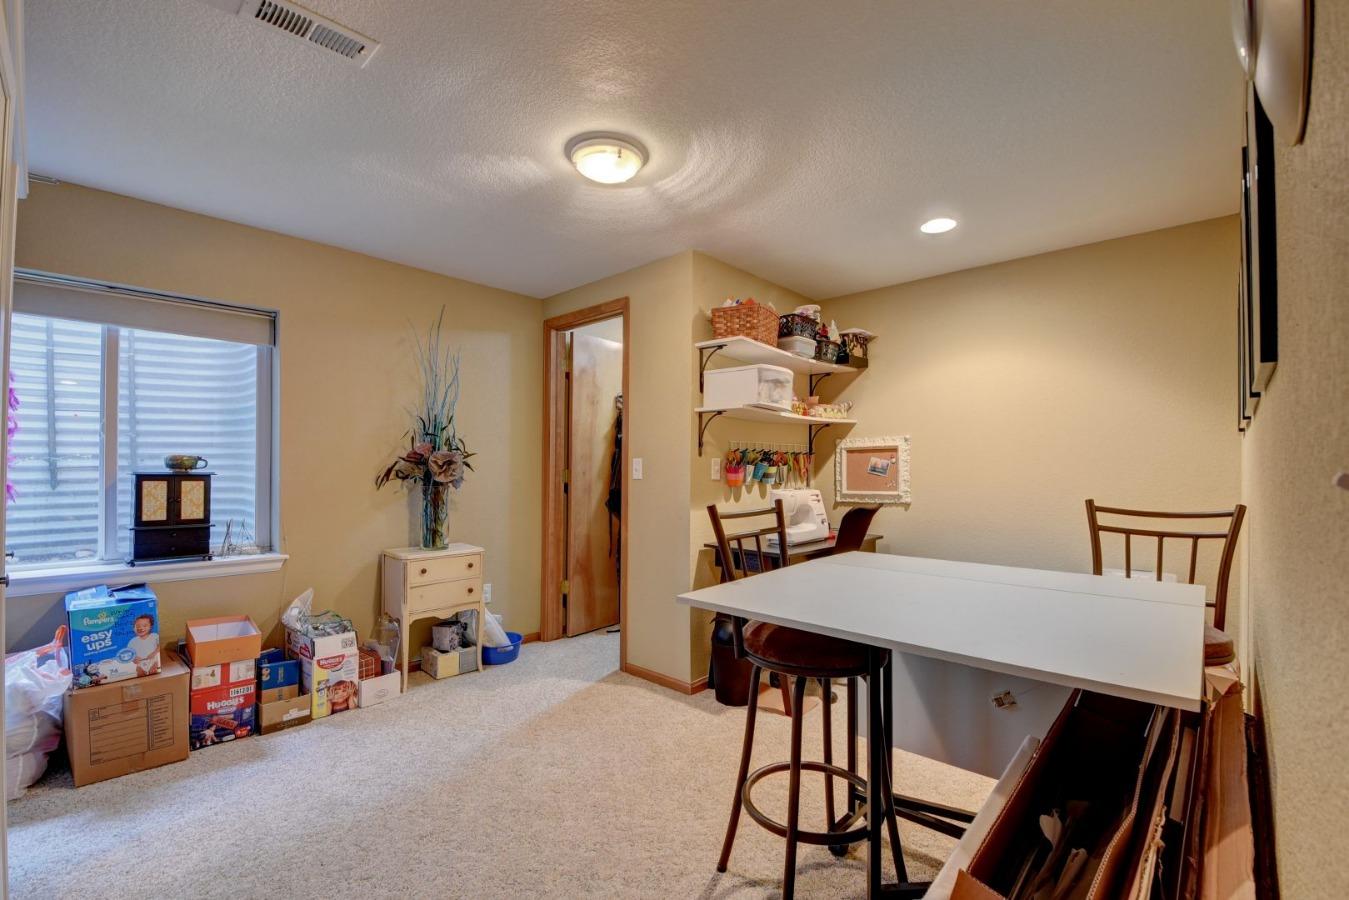 Bedroom 5 / Craft room